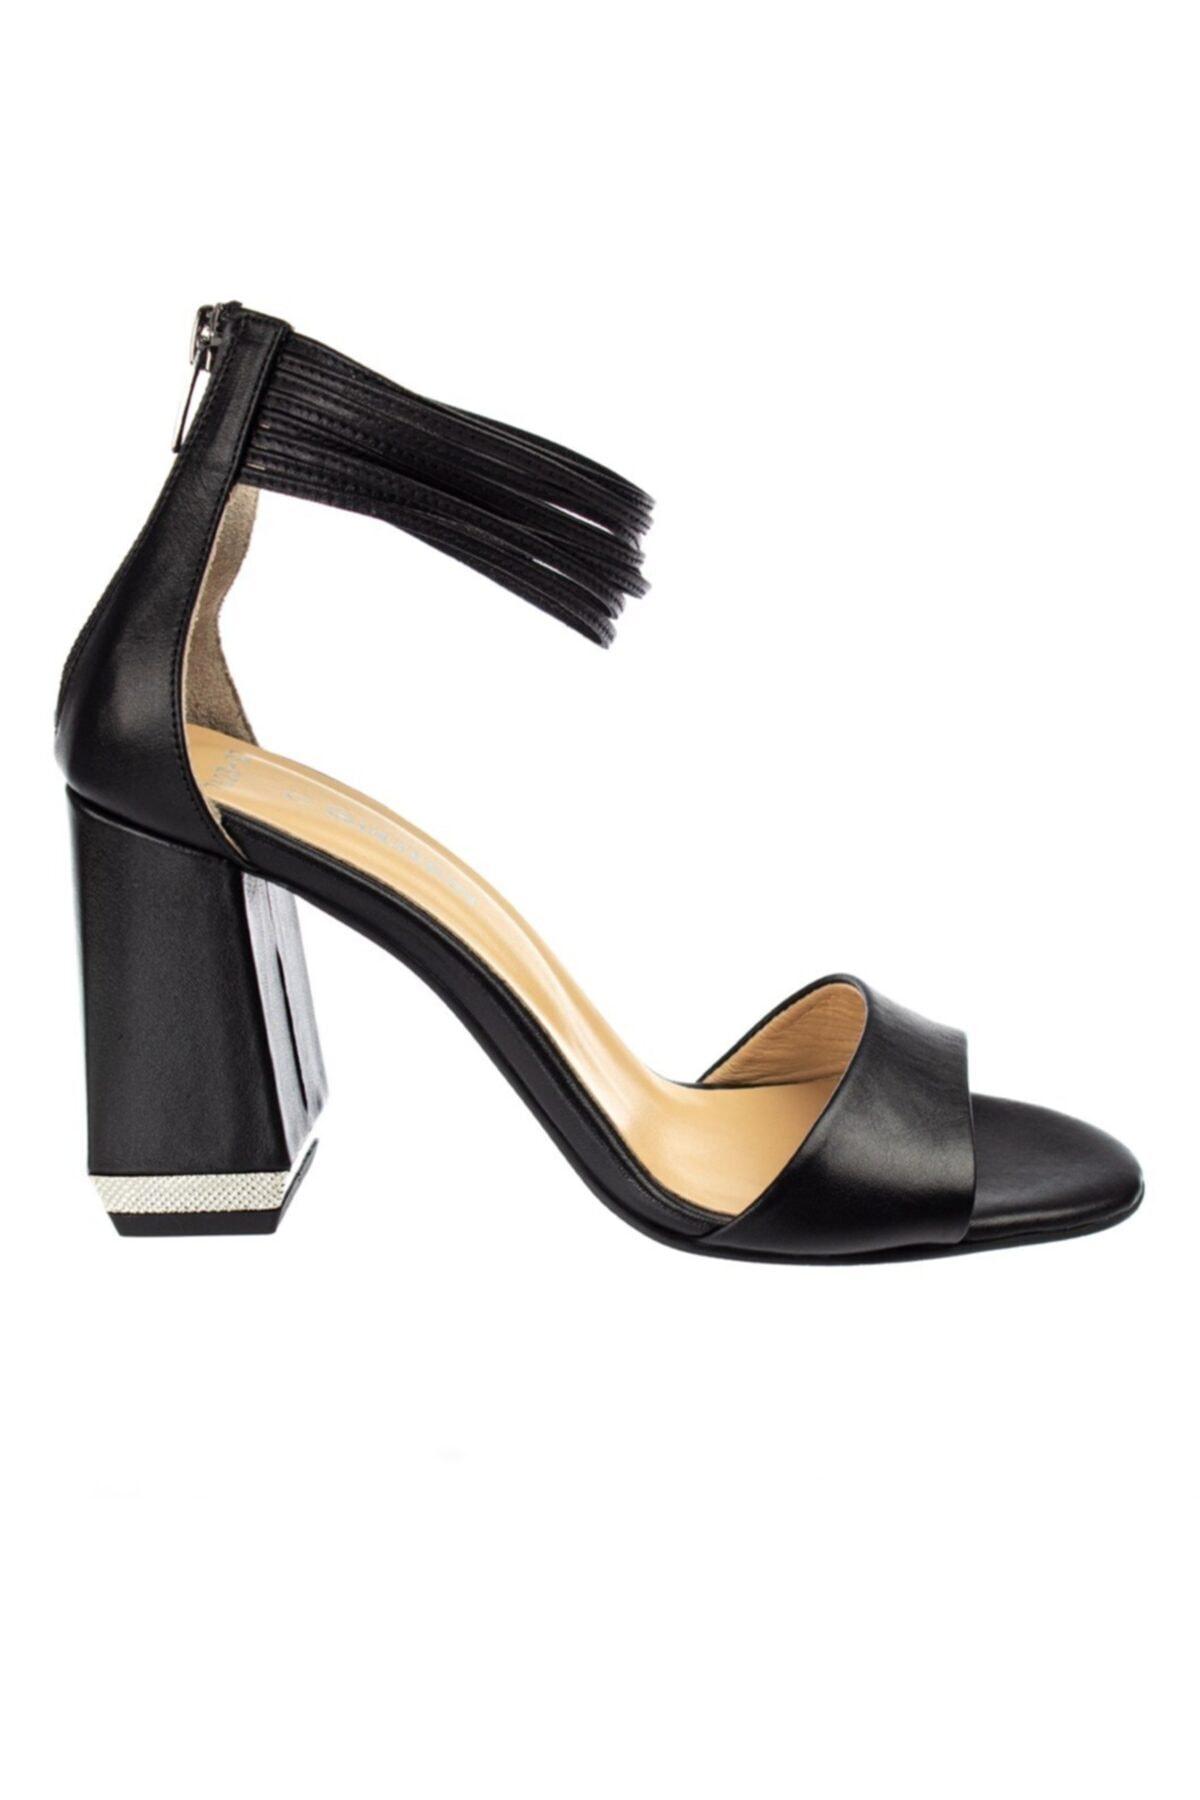 Celal Gültekin Cg 7623 Kadın Ayakkabı Siyah